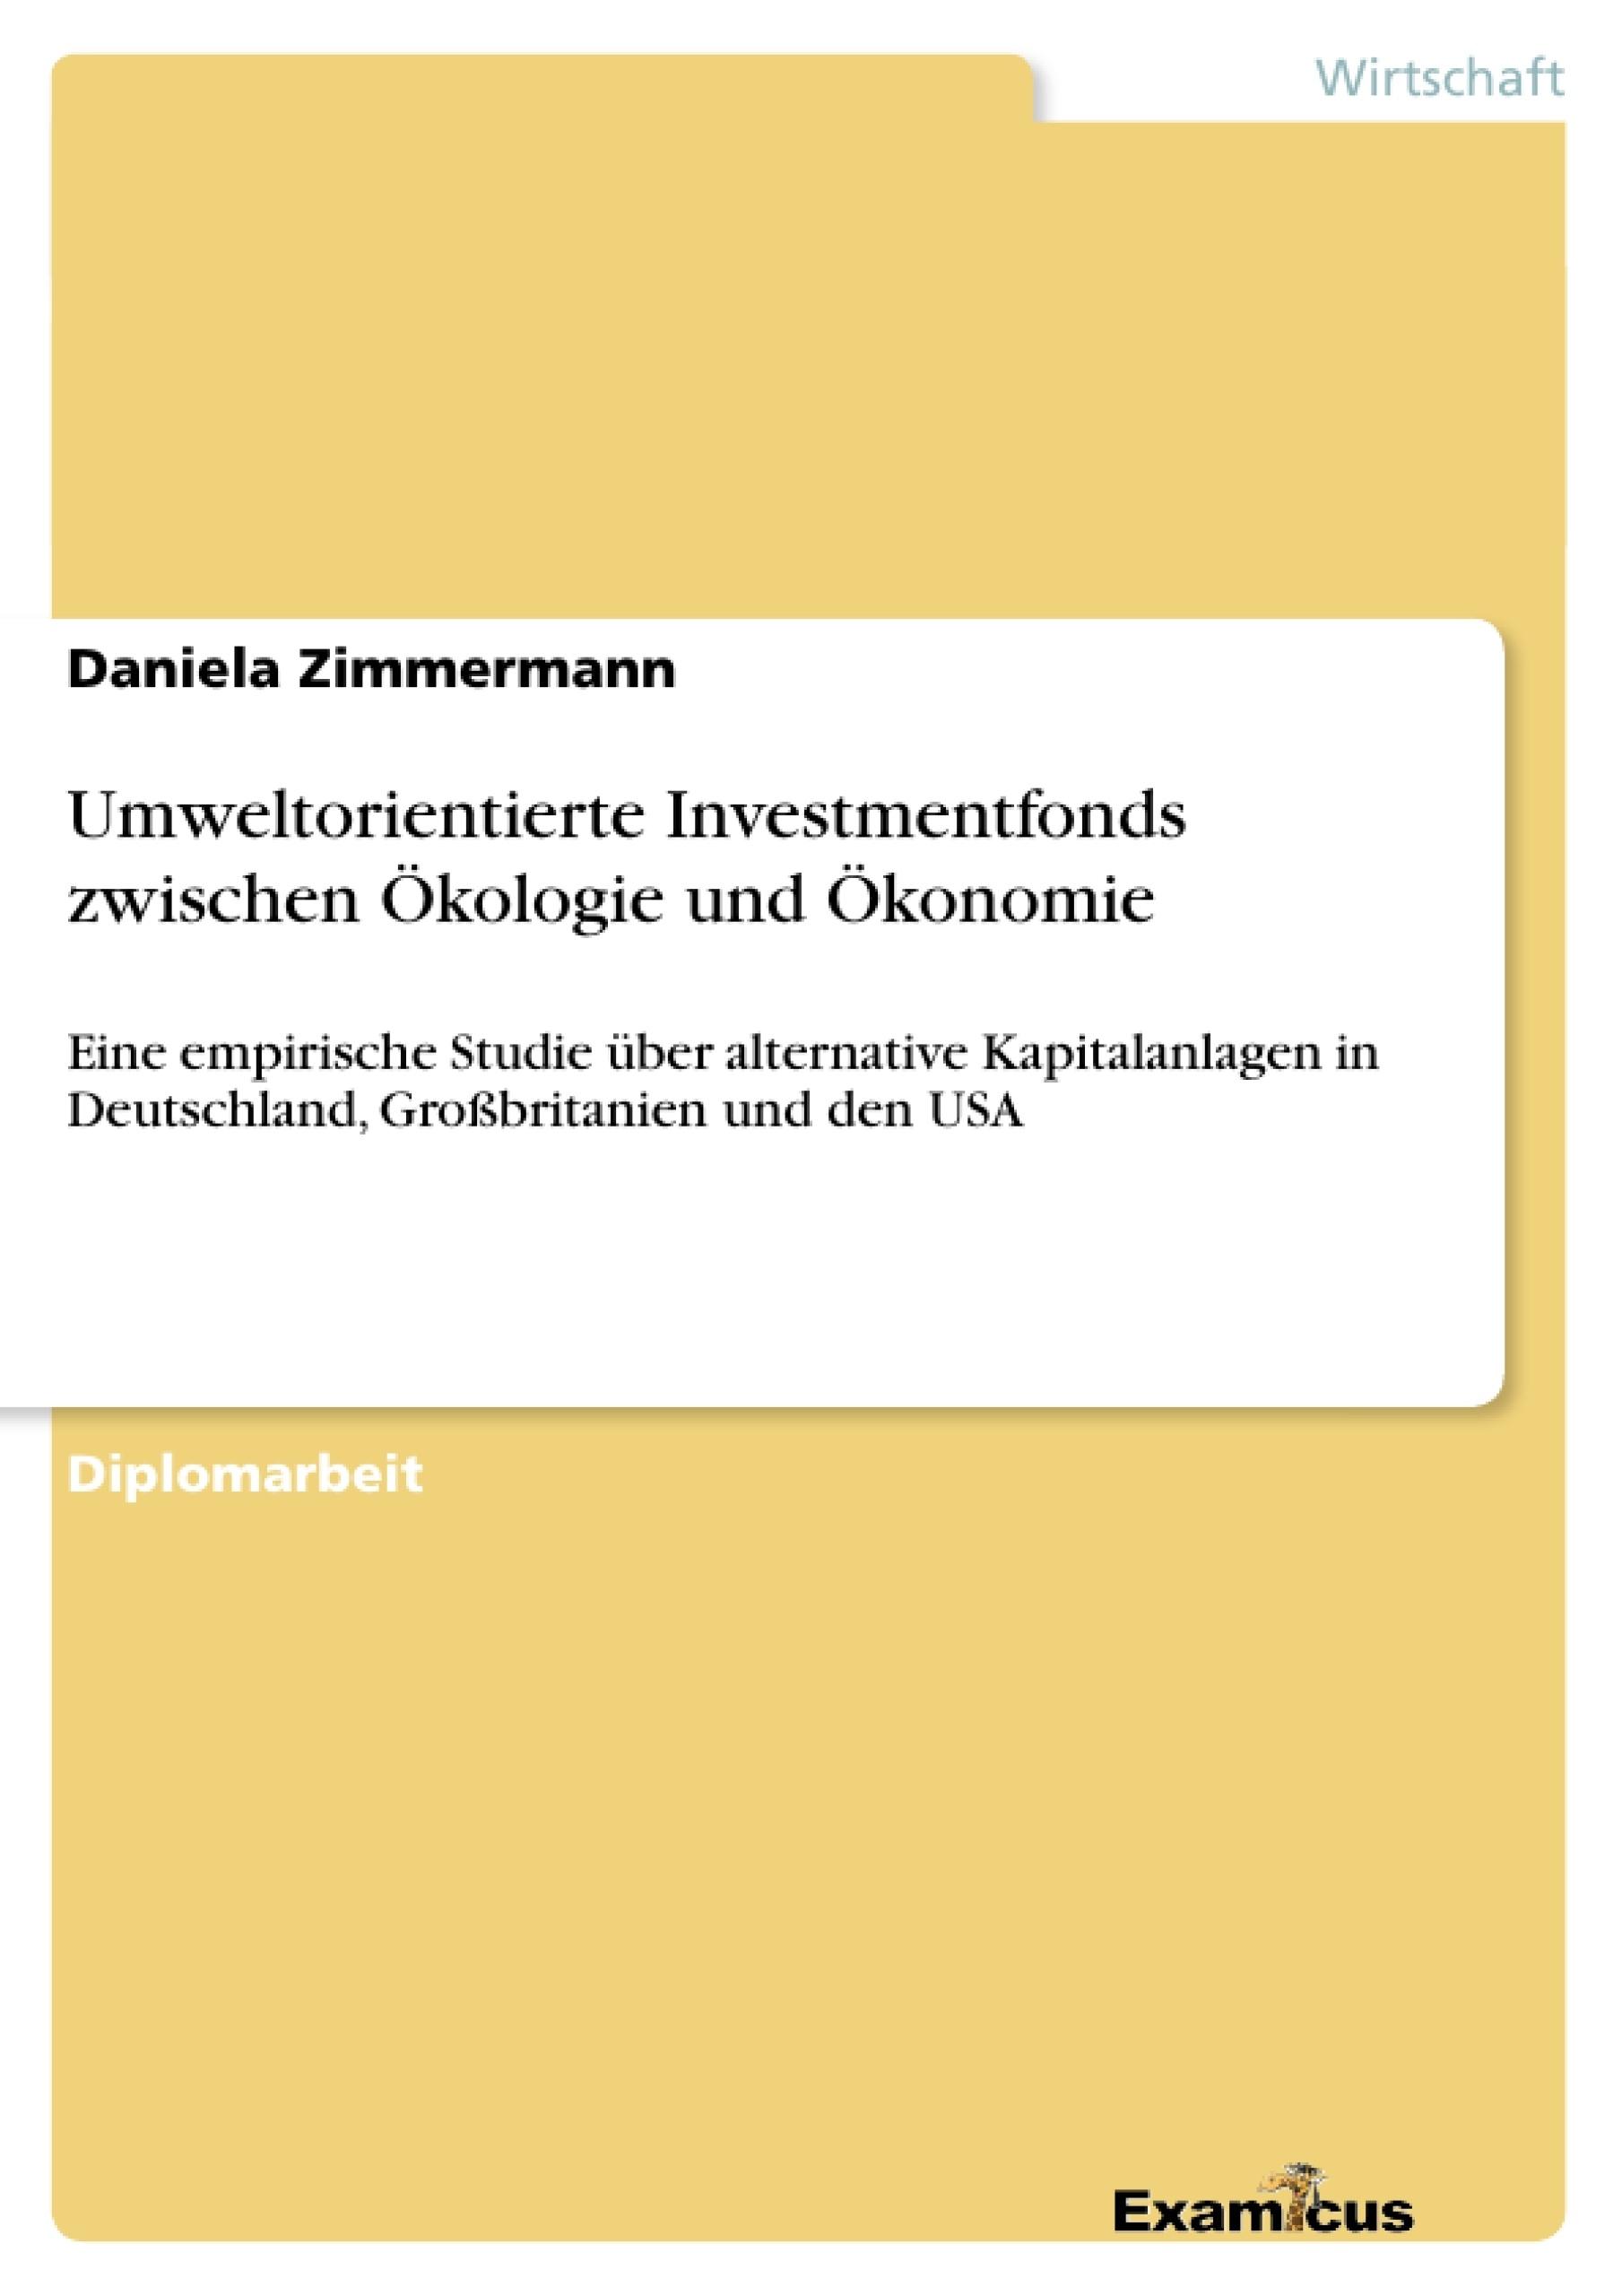 Titel: Umweltorientierte Investmentfonds zwischen Ökologie und Ökonomie